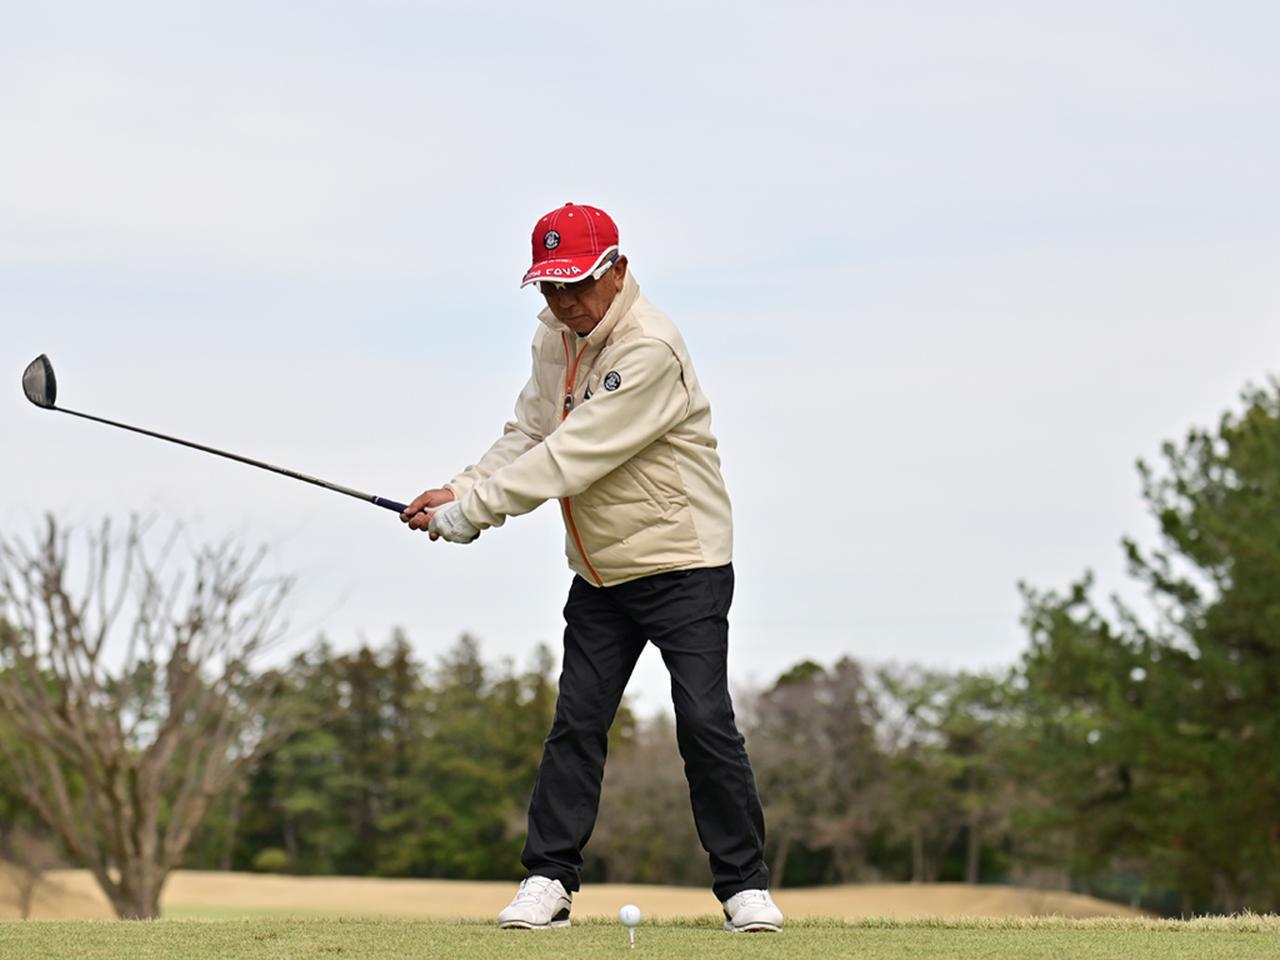 画像5: 【ティショット】真っすぐ打とうとするからミスがなくならない! ゴルフは曲げるが勝ち!